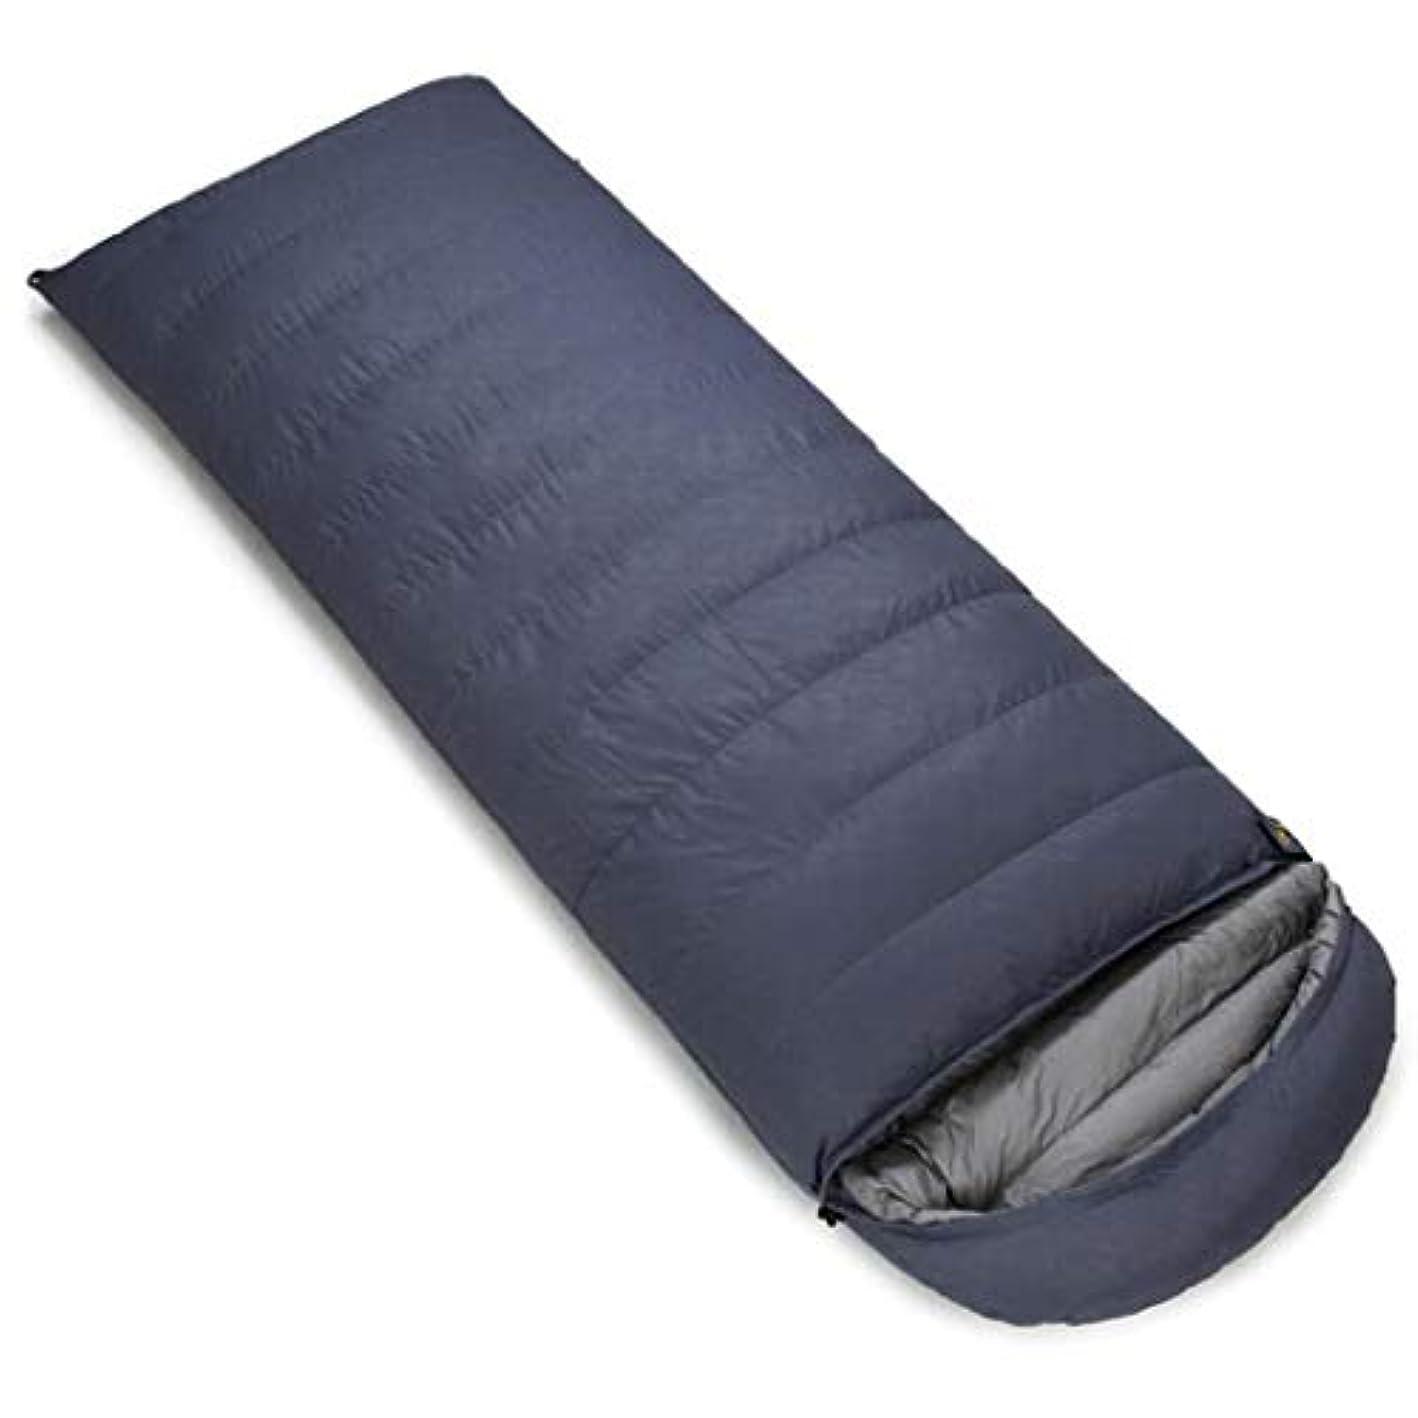 日曜日凍ったその結果屋外キャンプ用寝袋屋外縫製ダブル寝袋ポータブル圧縮寝袋 (Capacity : 3.0kg, Color : Gray)